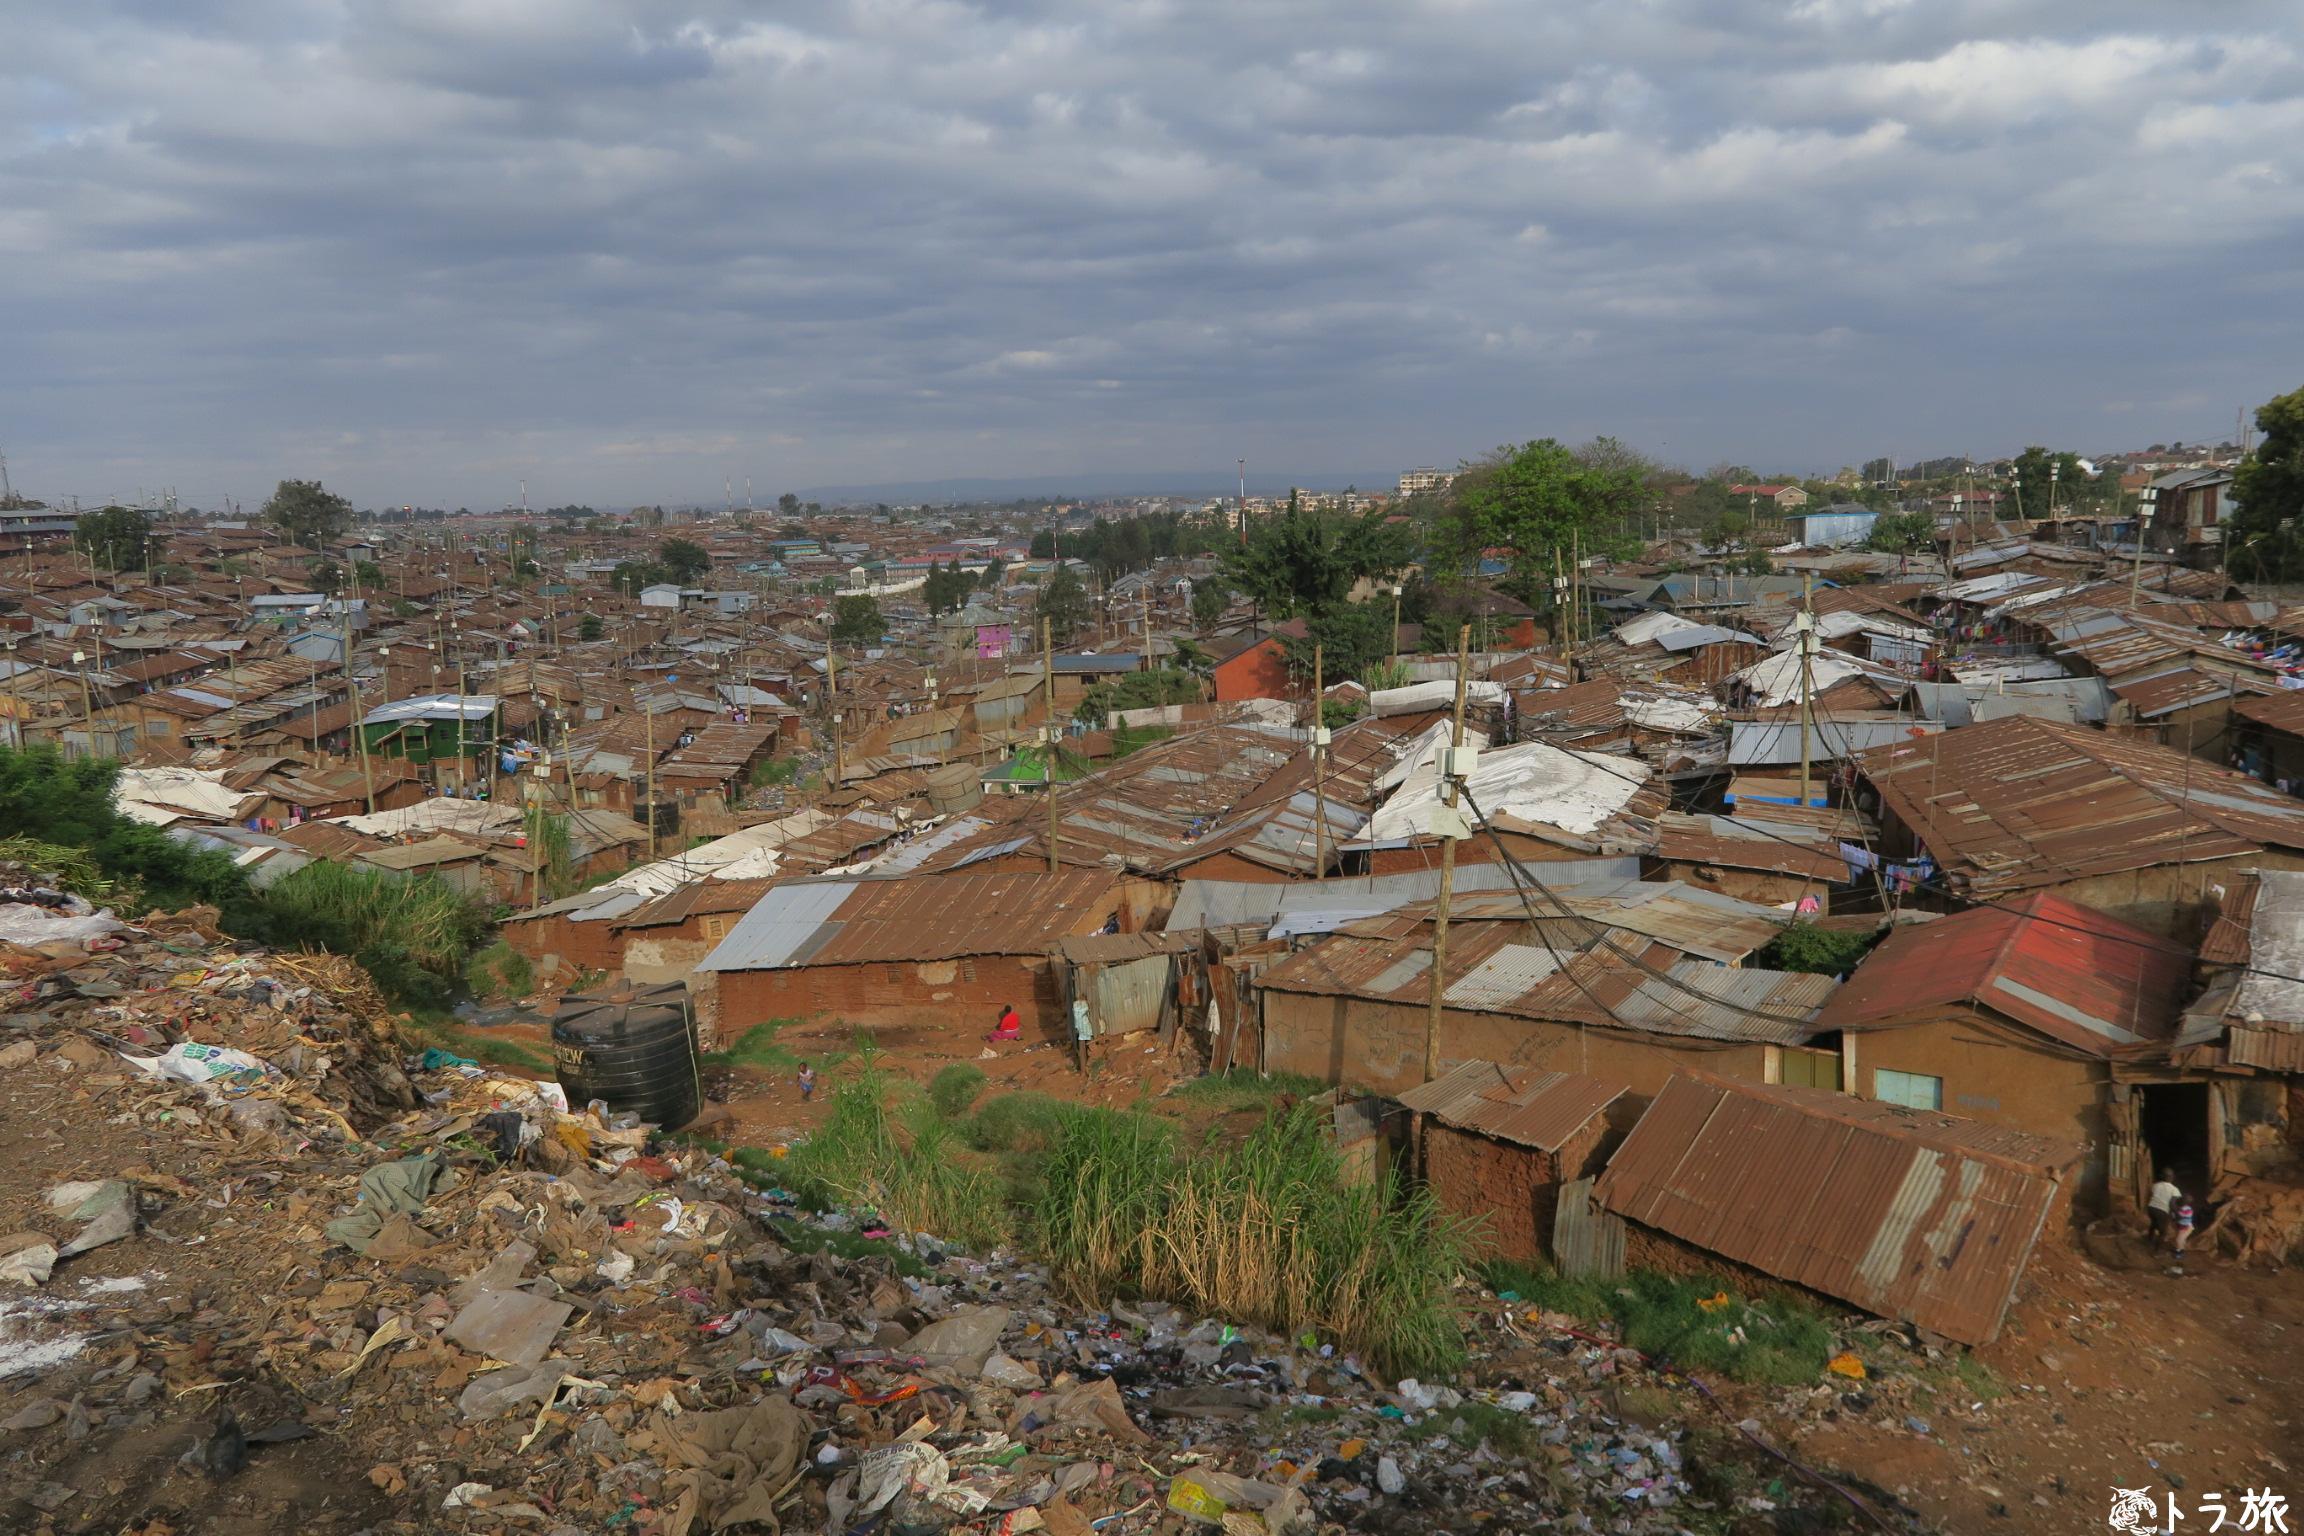 【キベラスラム】アフリカ最大のスラム街で貧困を学ぶ